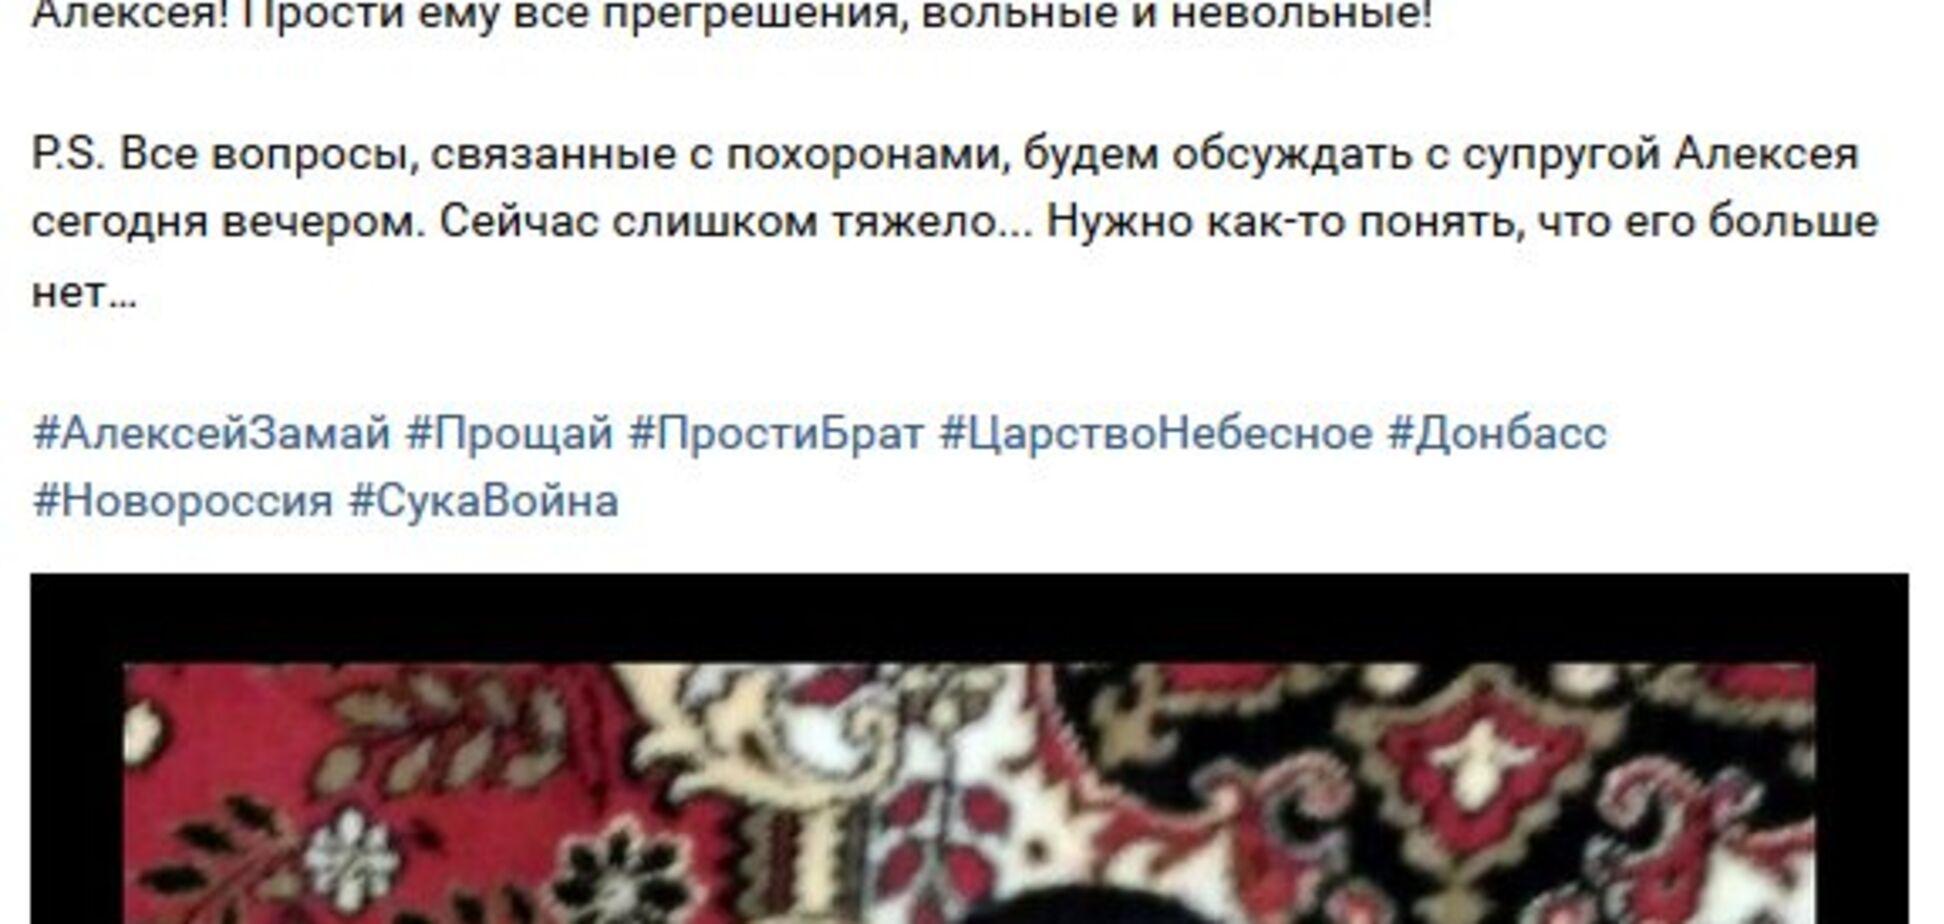 'Земля скловатою': в мережі розповіли про ліквідацію 'сержанта гвардії ДНР'